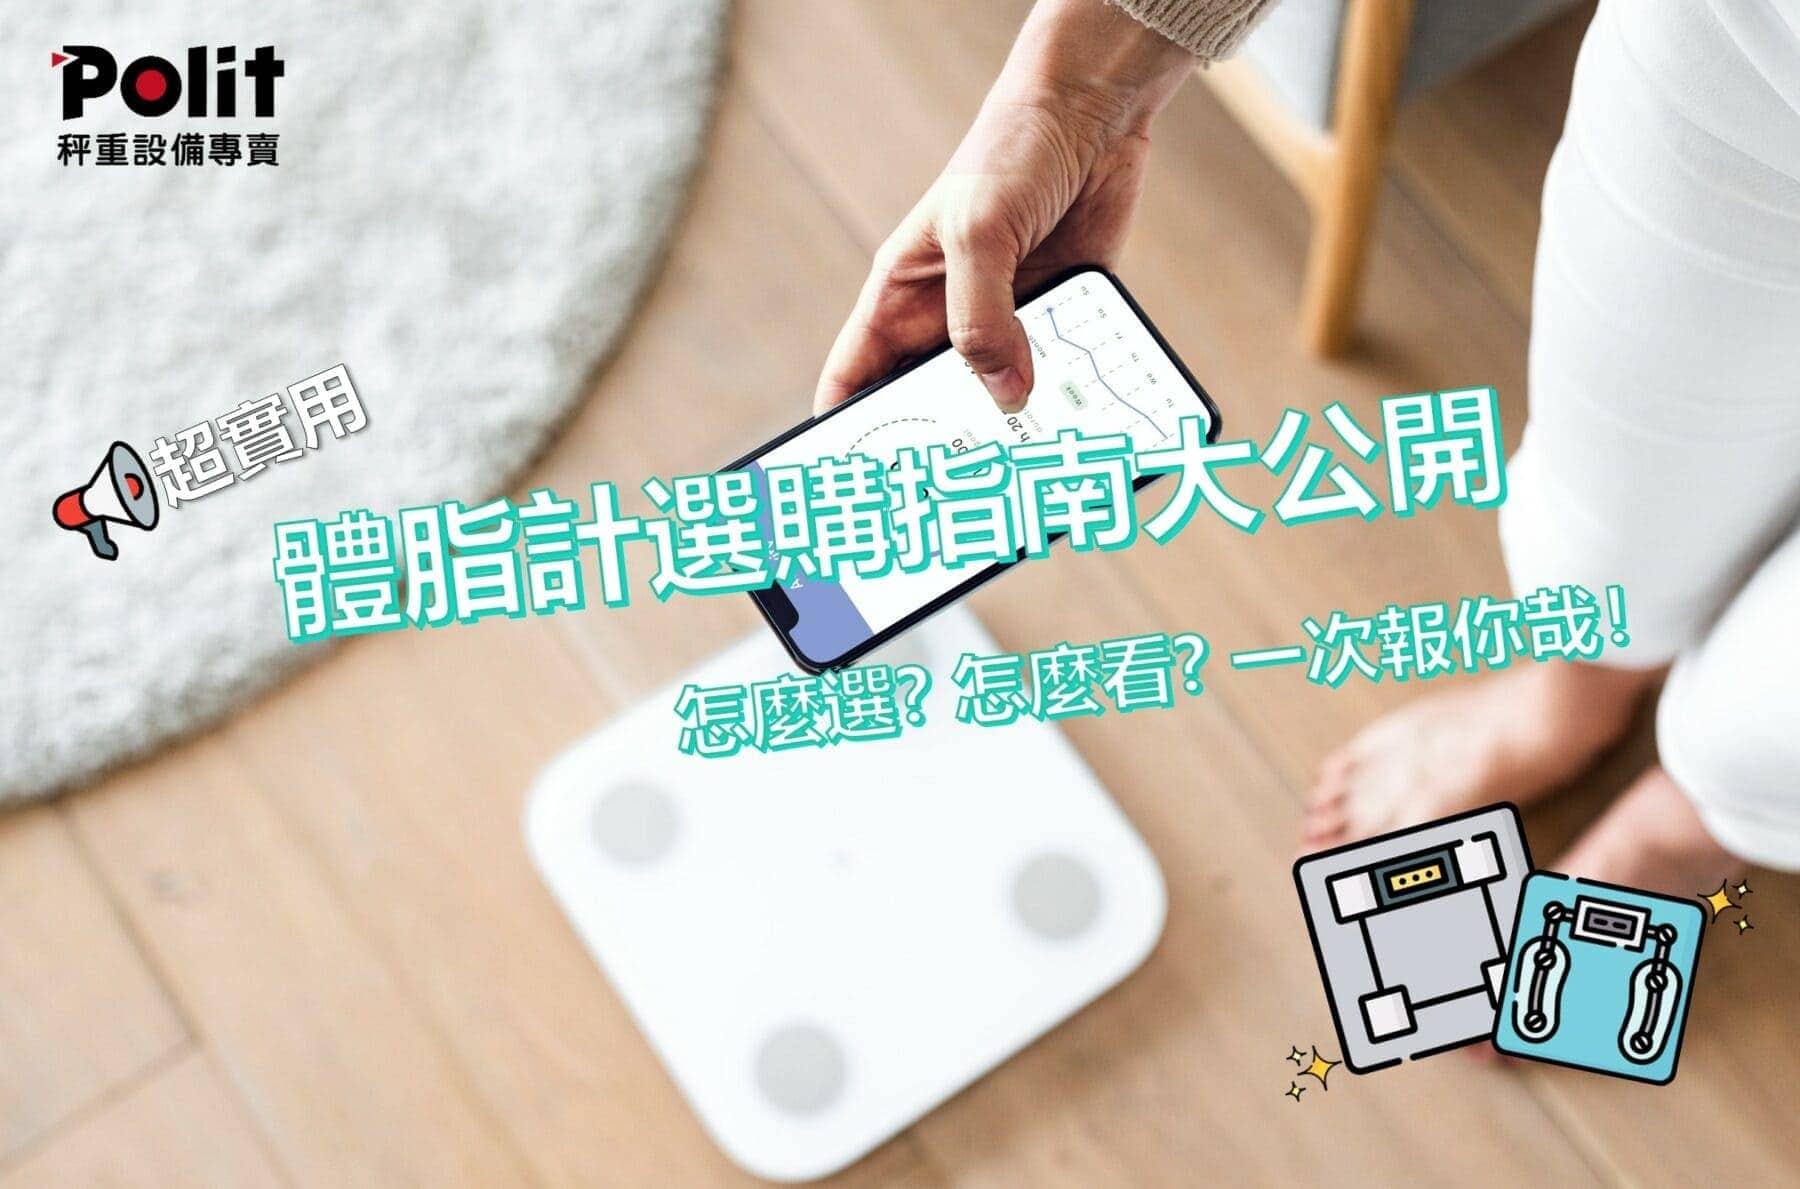 超實用體脂計選購指南大公開 體脂計怎麼選怎麼看一次報你哉 | 沛禮國際 Polit 電子秤專賣